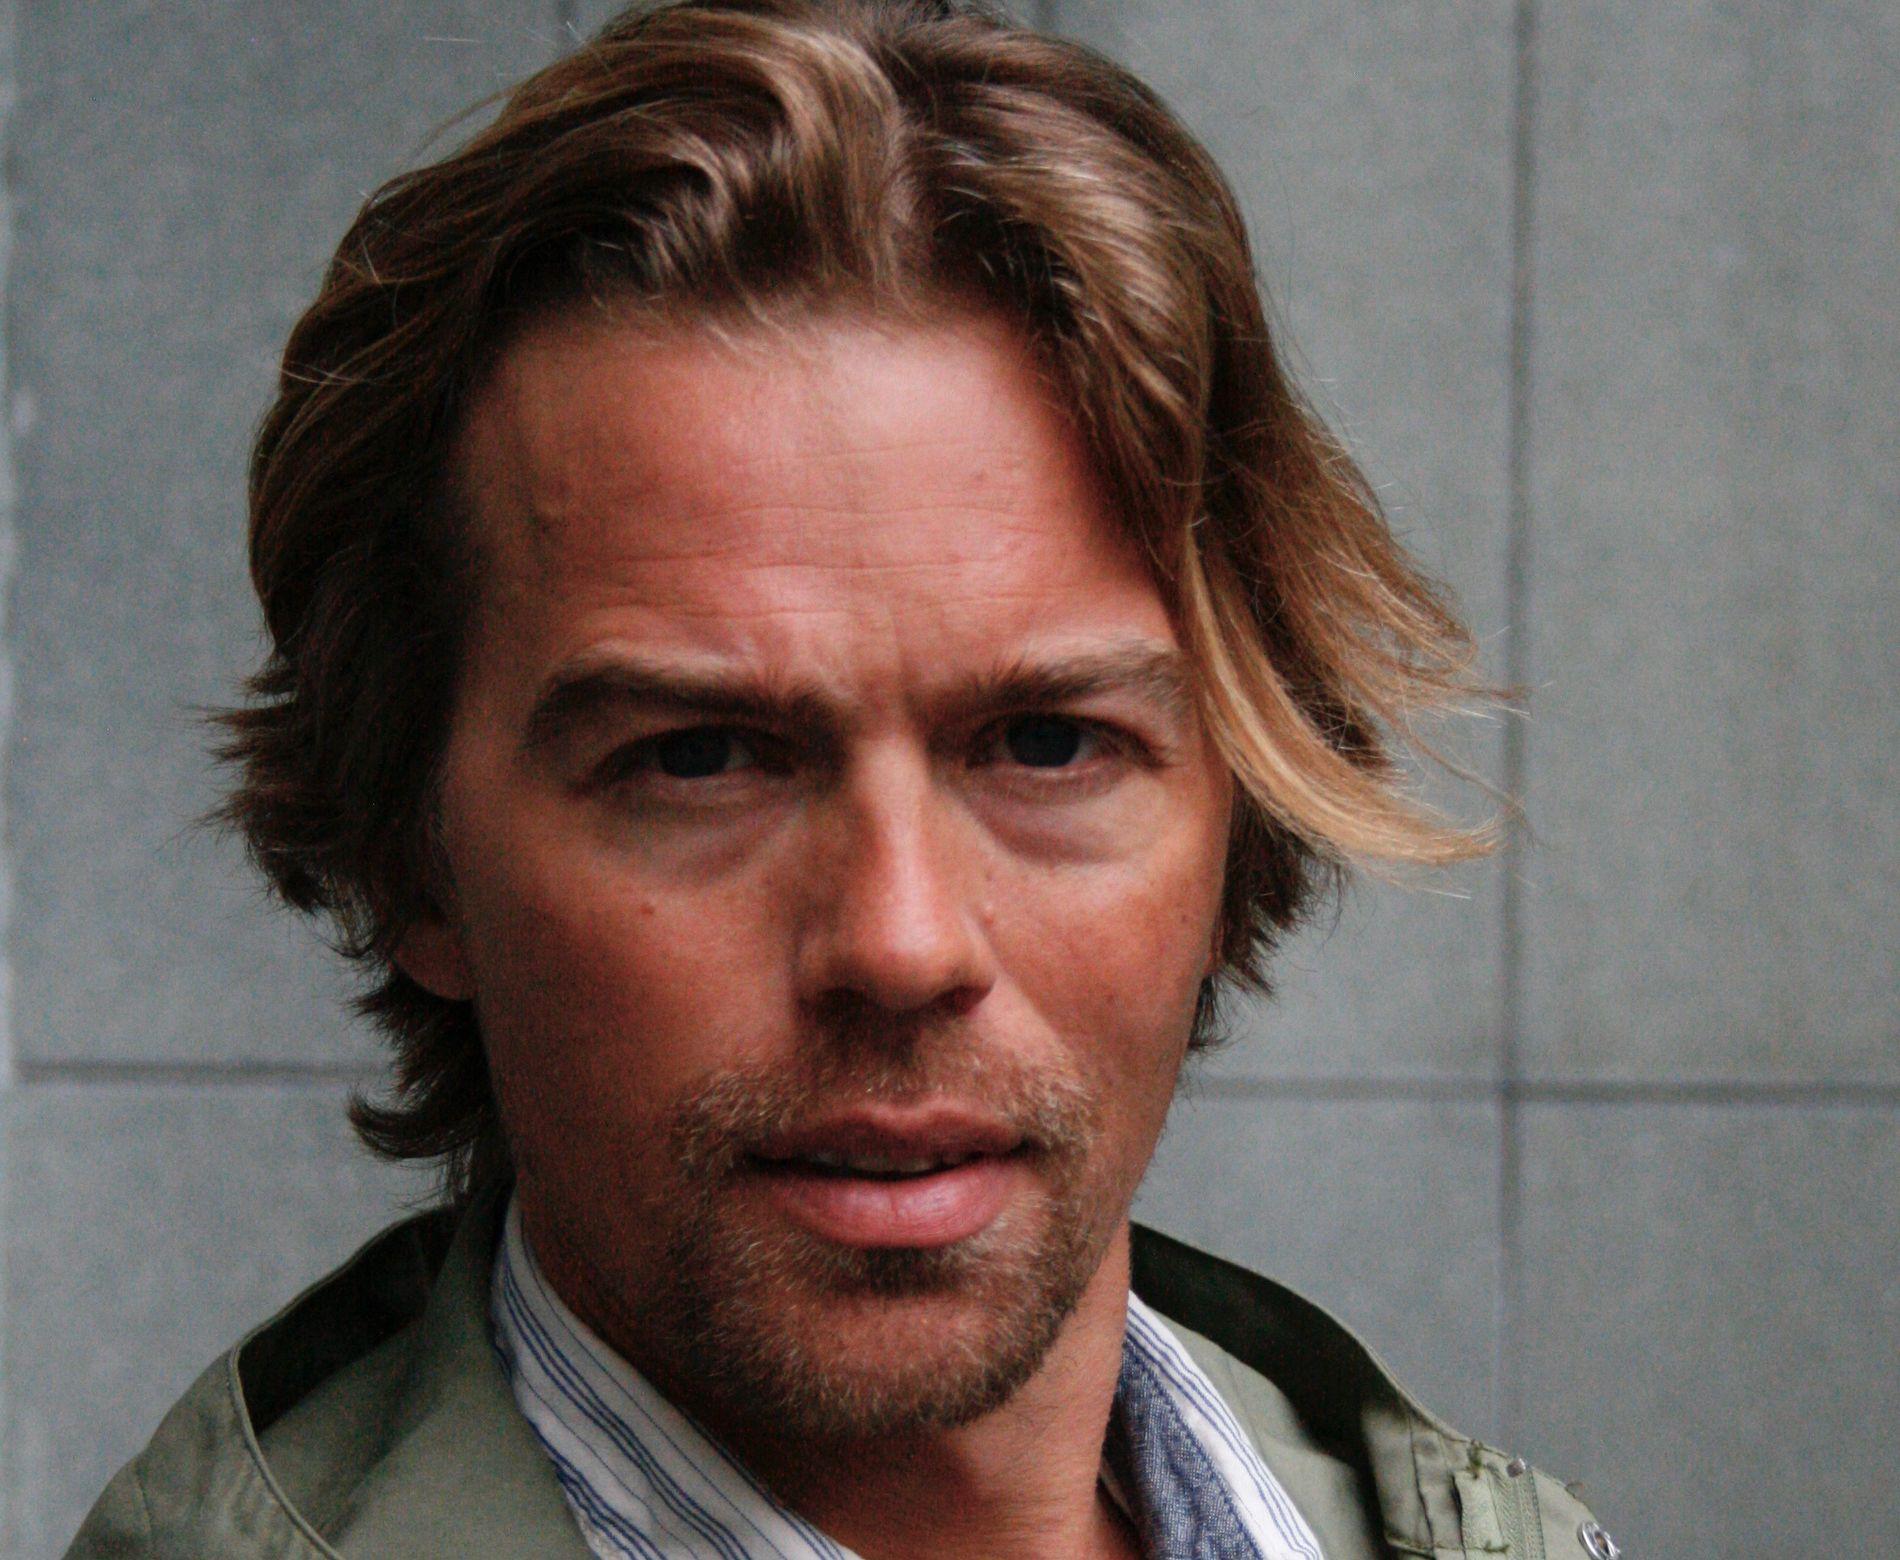 PÅGREPET: Ifølge den franske avisen Le Monde er det norske Jacob Wærness som er pågrepet og siktet i Frankrike.